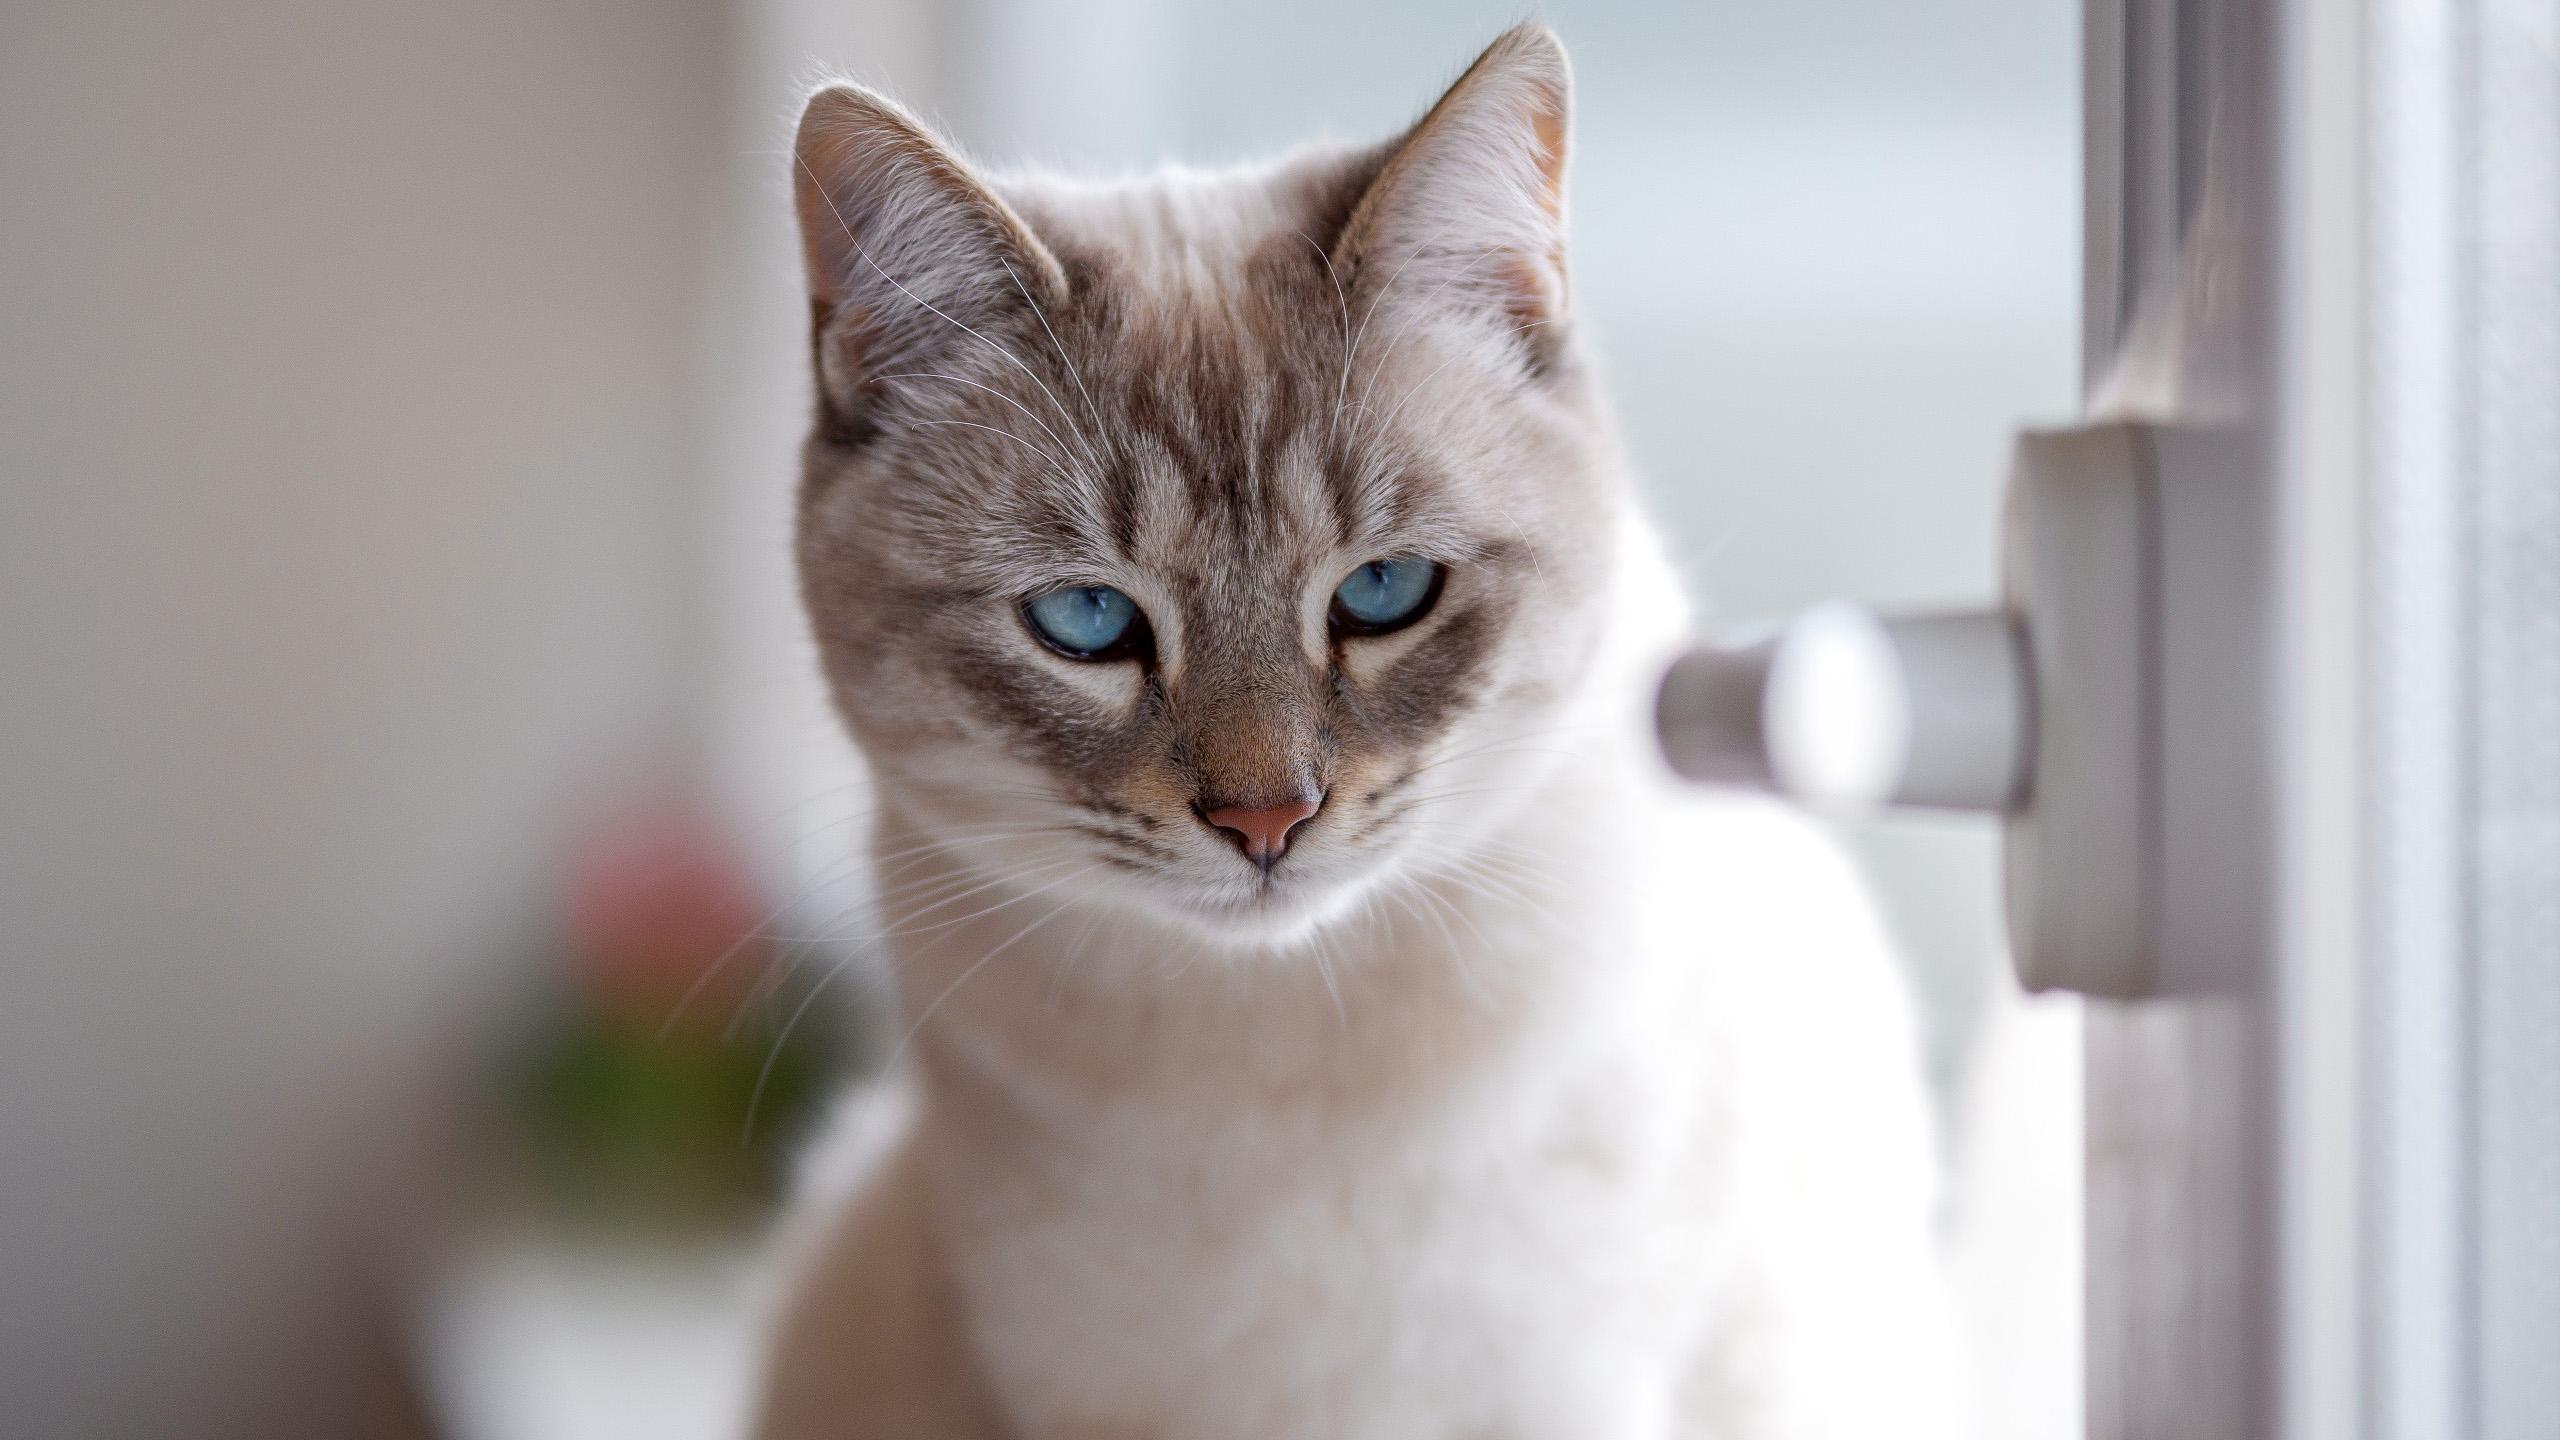 萌宠动物,喵星人,蓝眼,猫咪,窗台,高贵